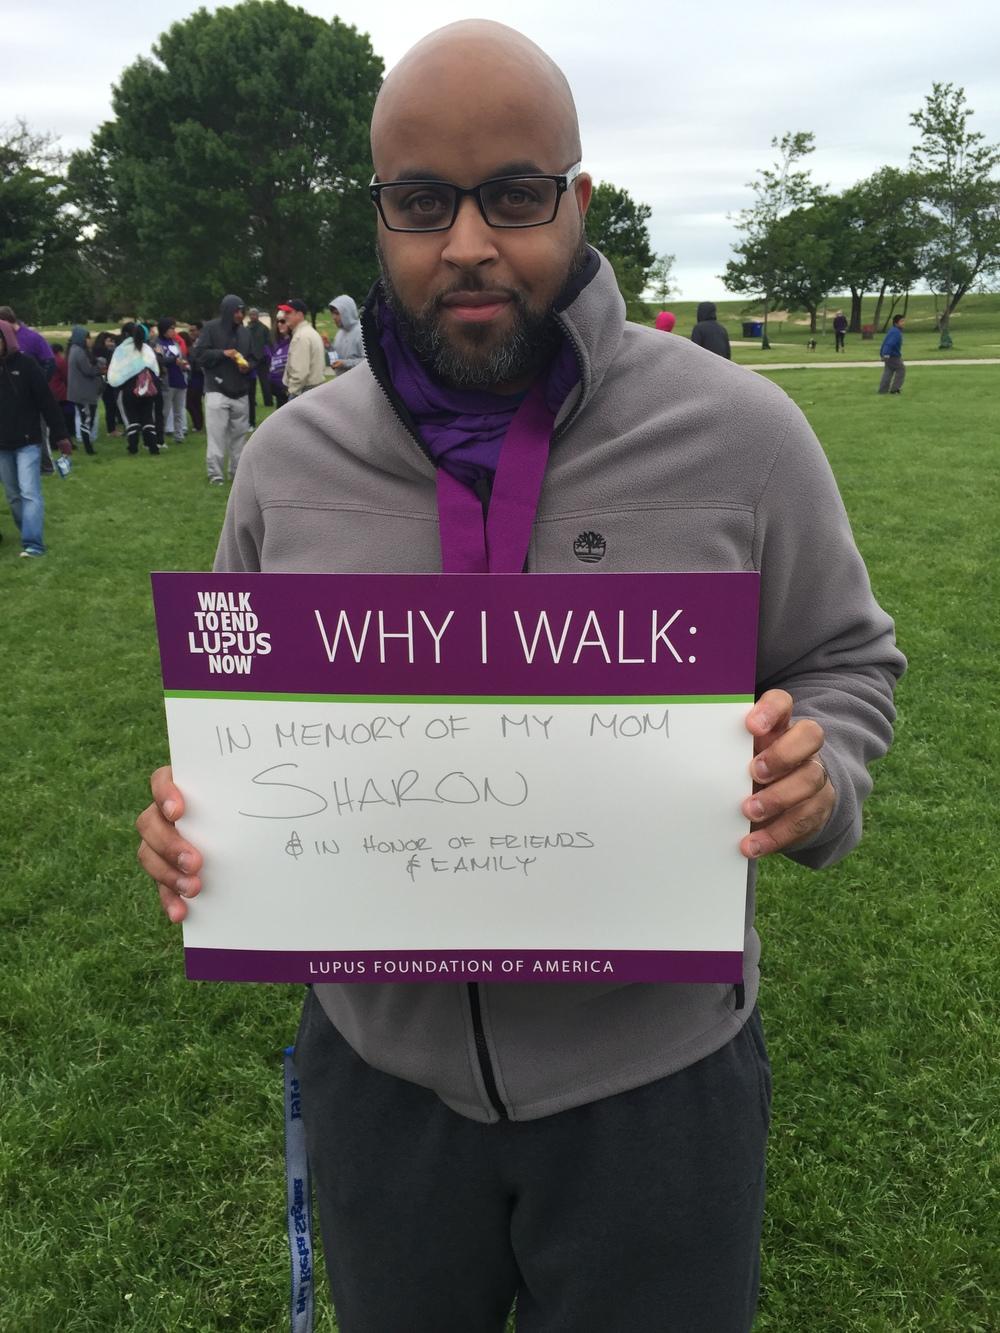 Why I walk.